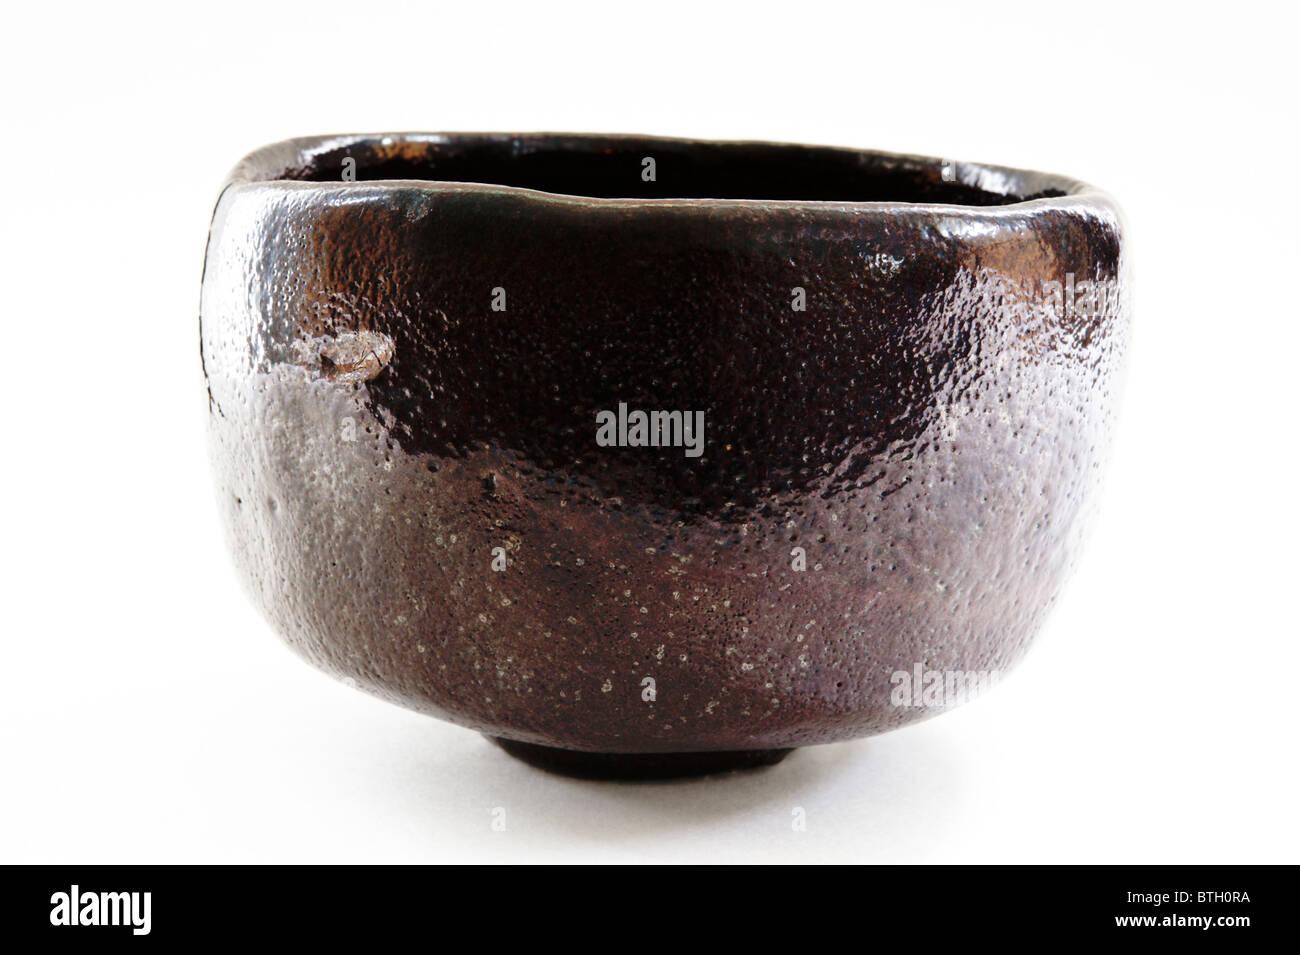 japanese raku style tea bowl with dark brown to black glaze on ajapanese raku style tea bowl with dark brown to black glaze on a white background